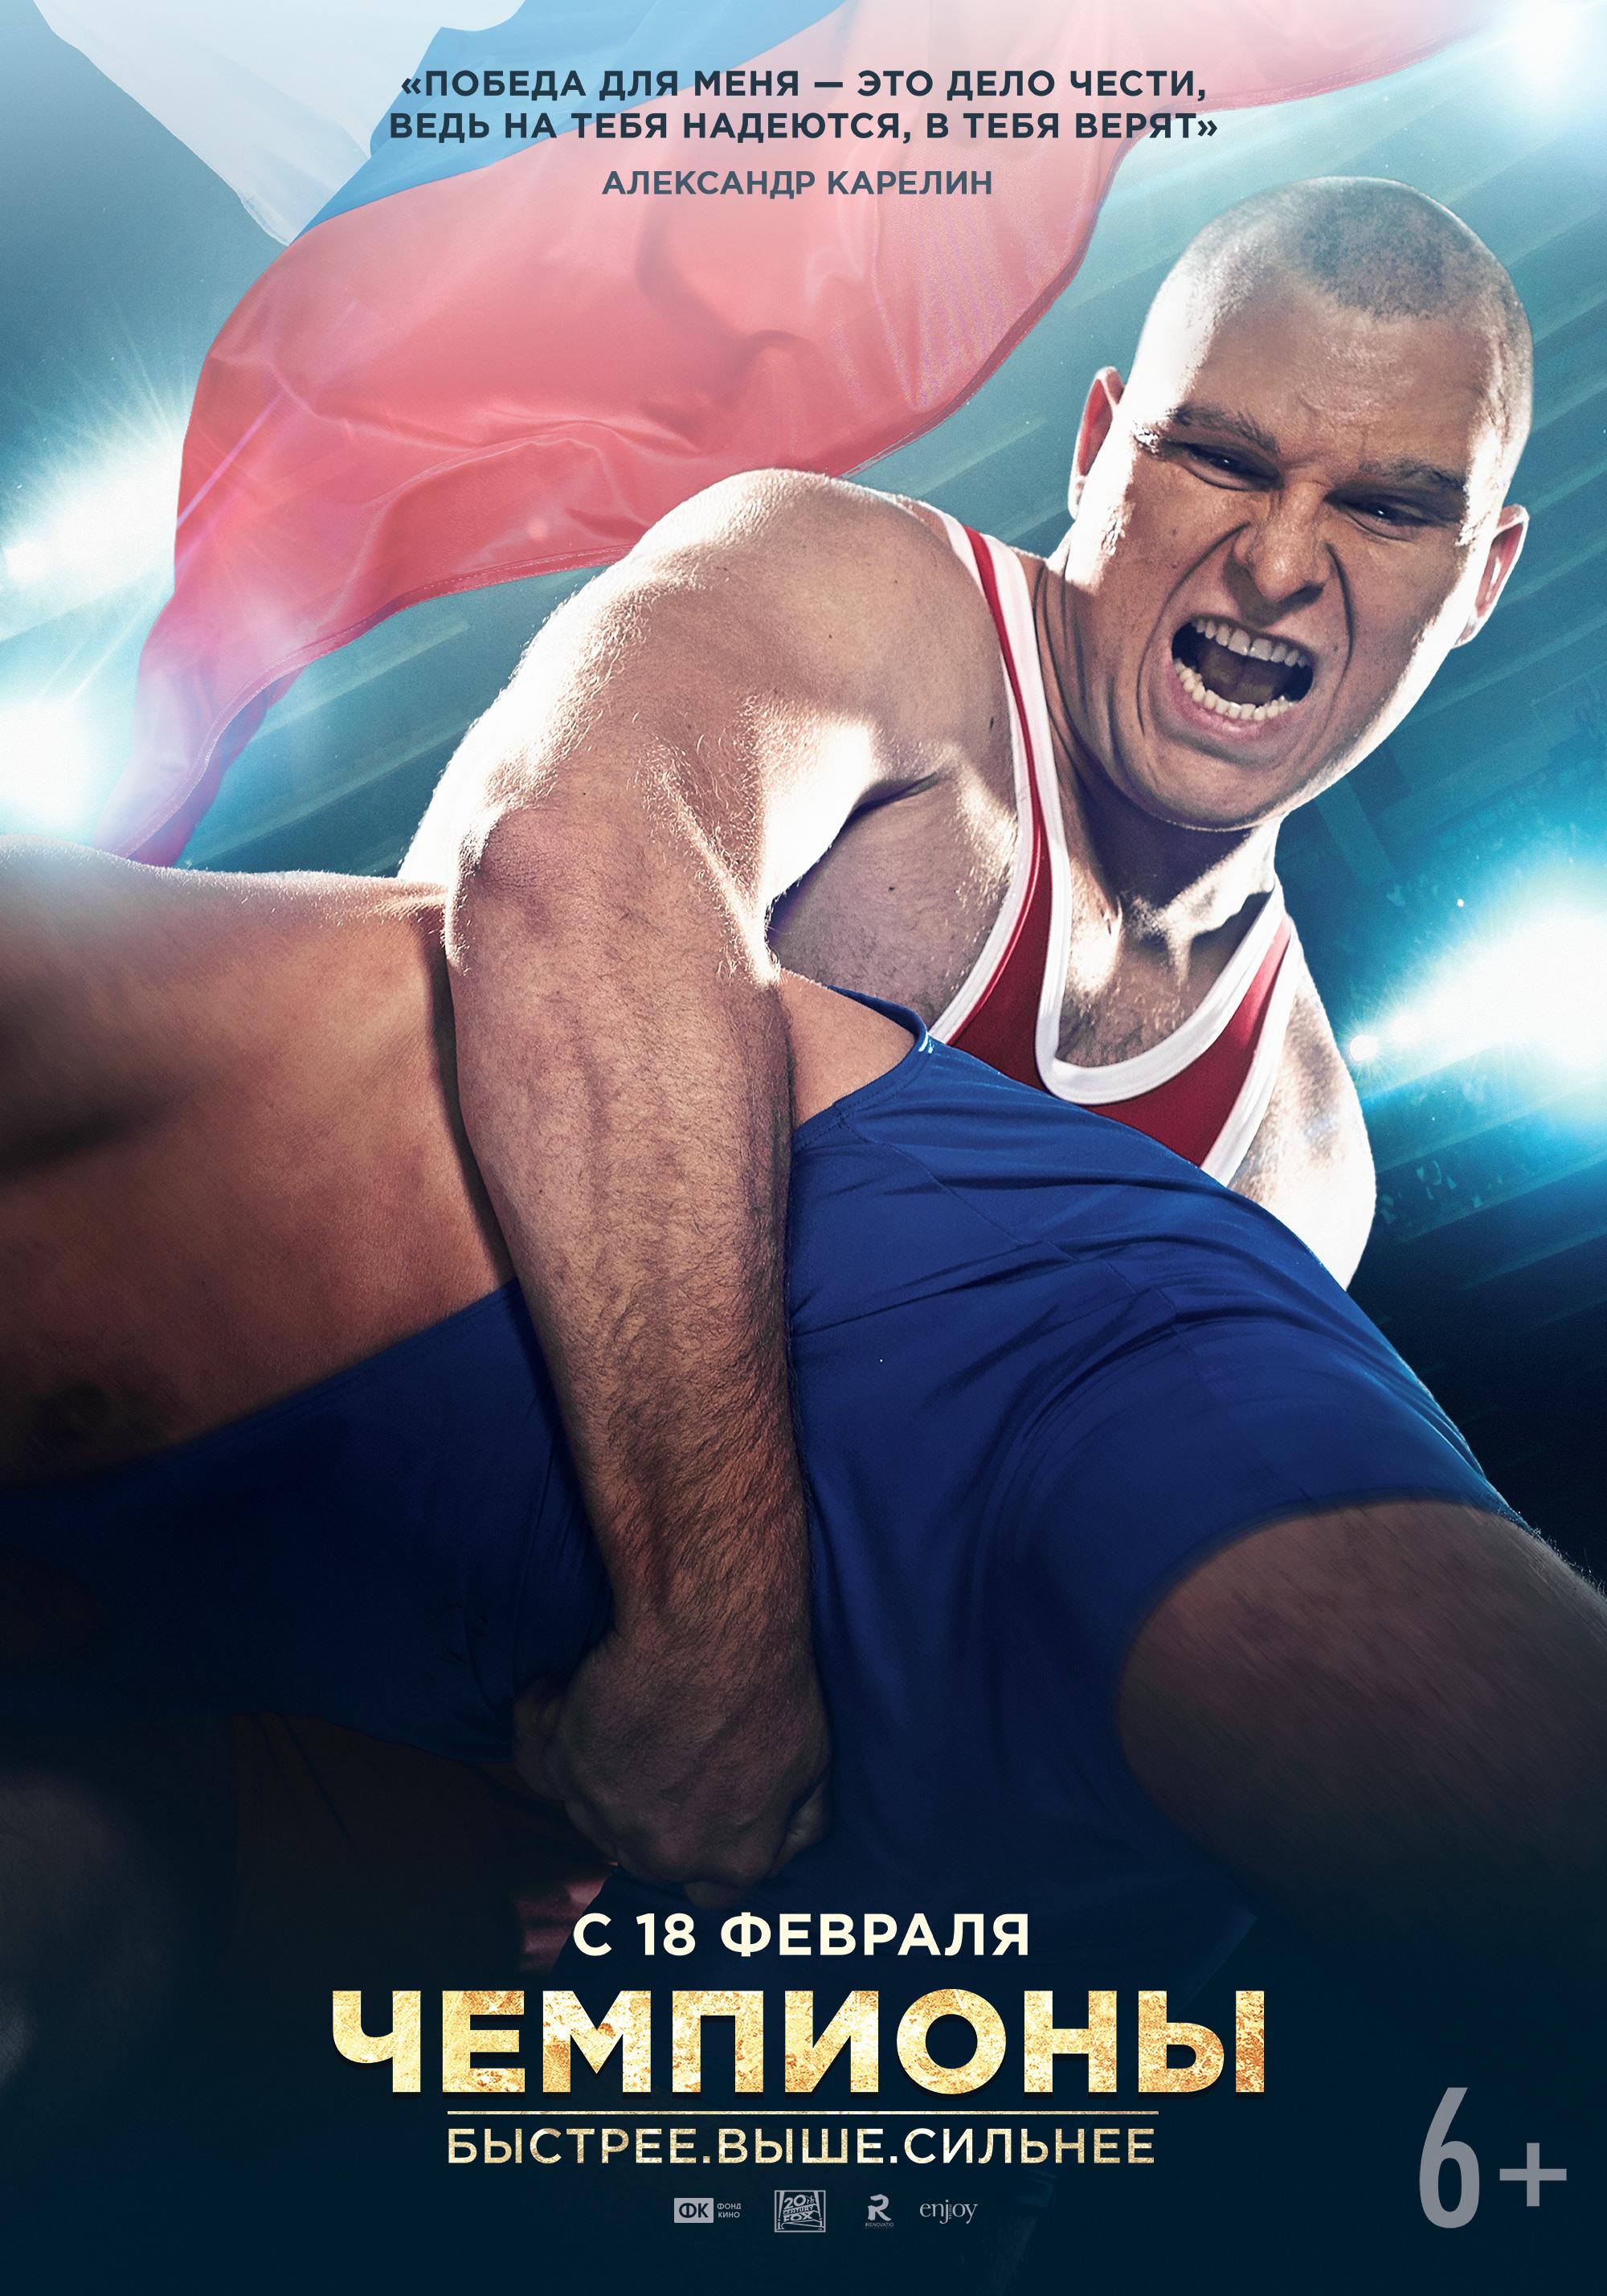 Фильмы о спорте постеры